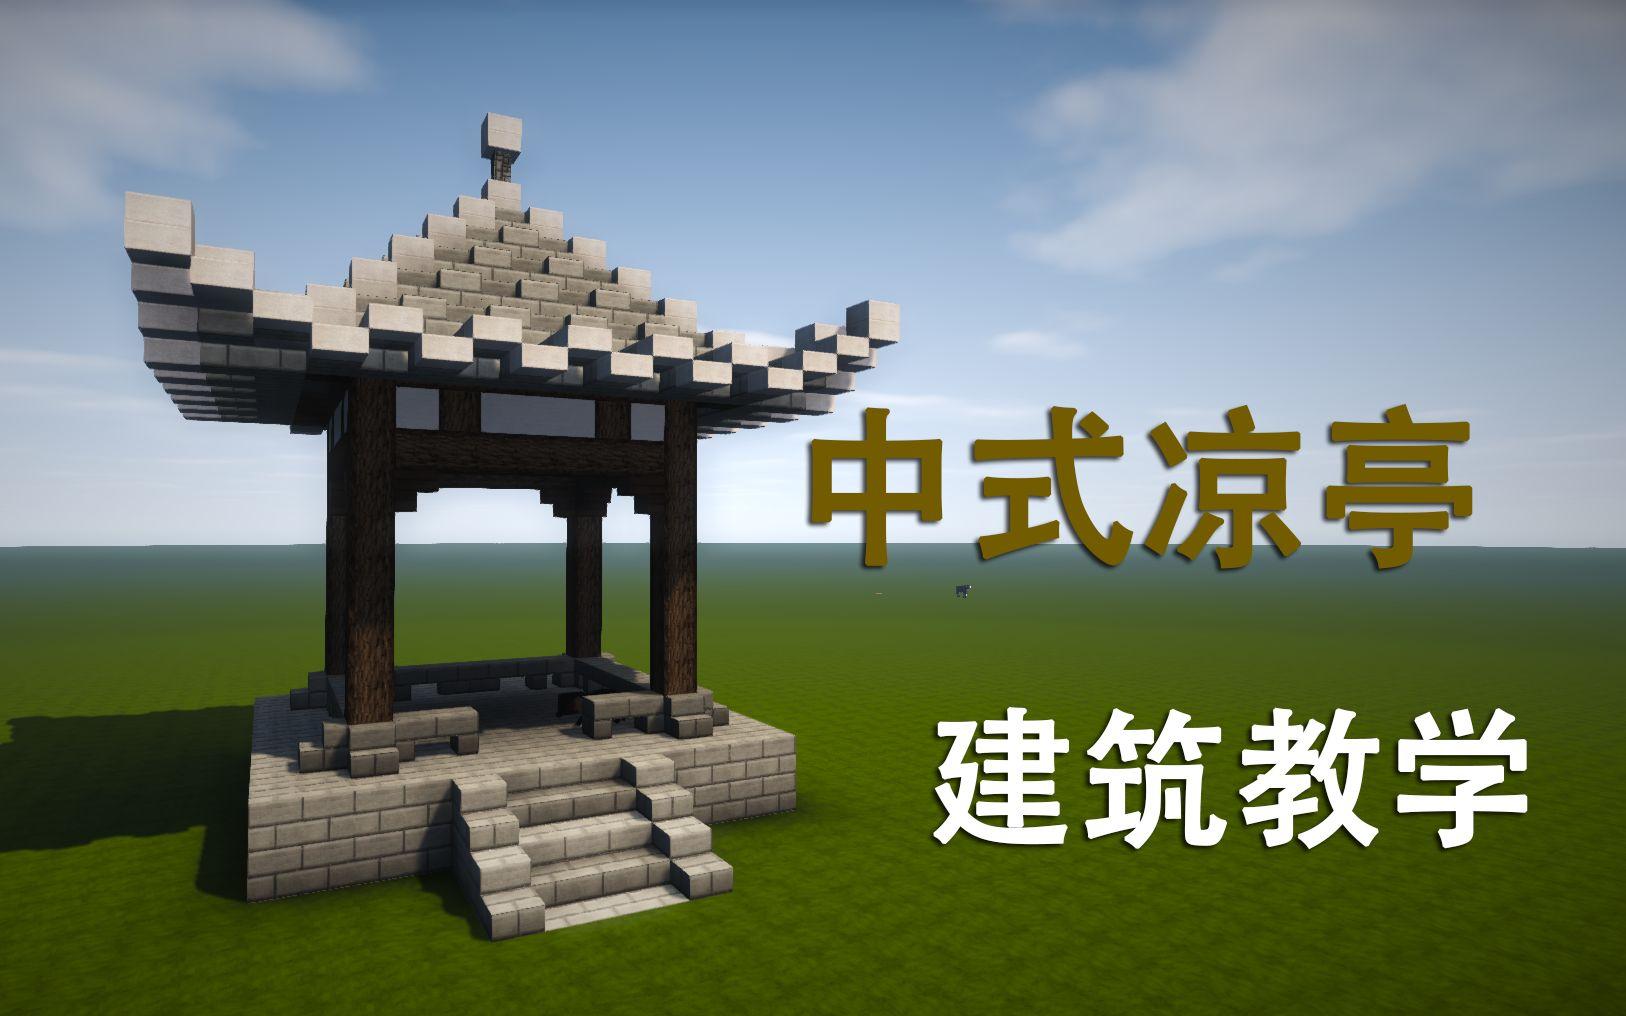 【我的世界建筑教学】中式凉亭-我的天-op居然会中式建筑【op】图片